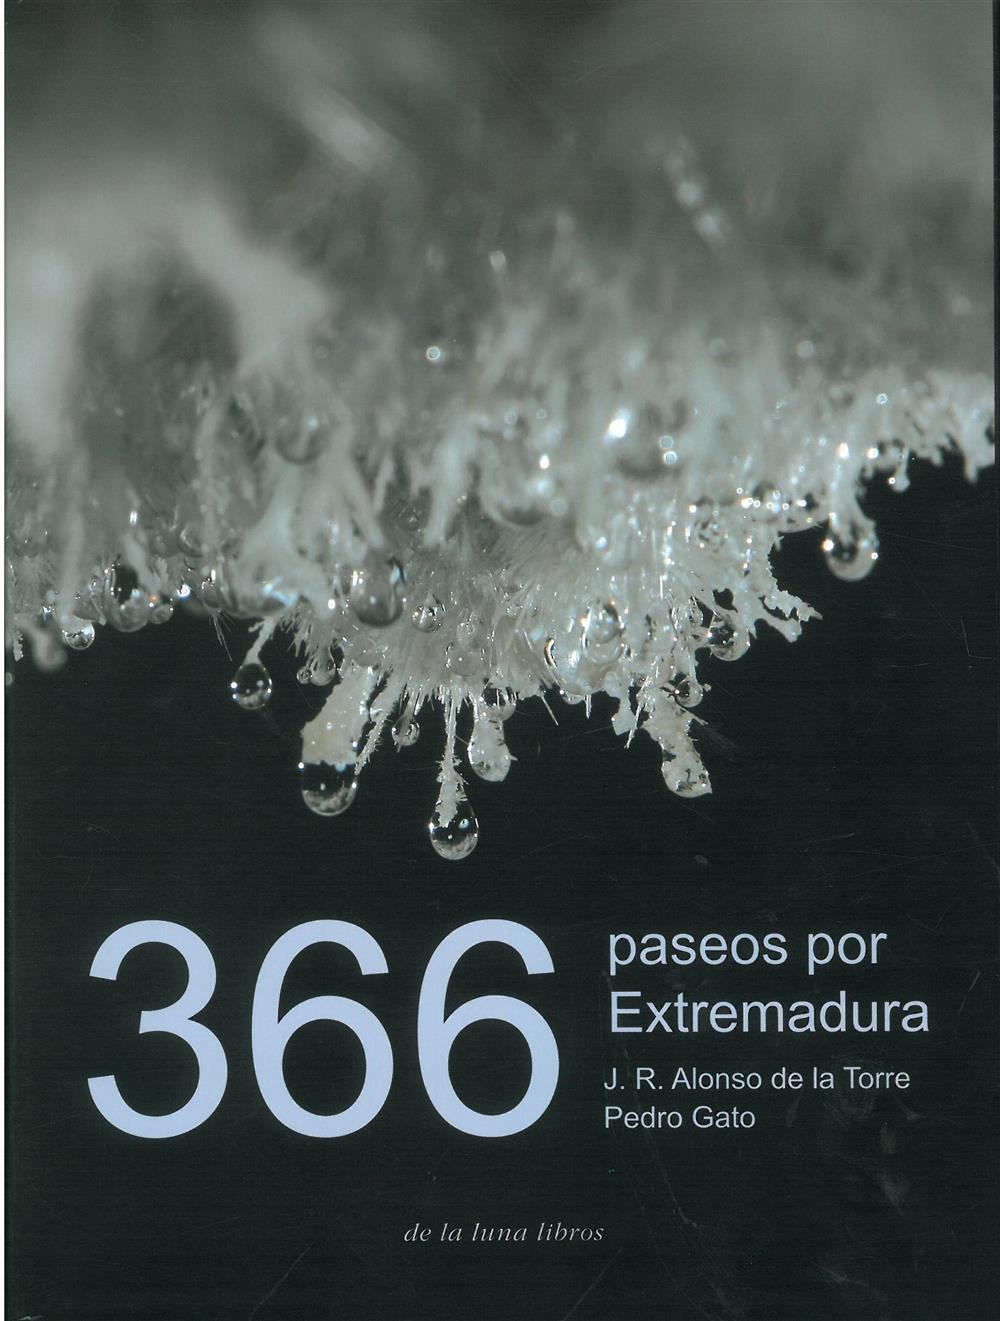 366 paseos por Extremadura_.jpg